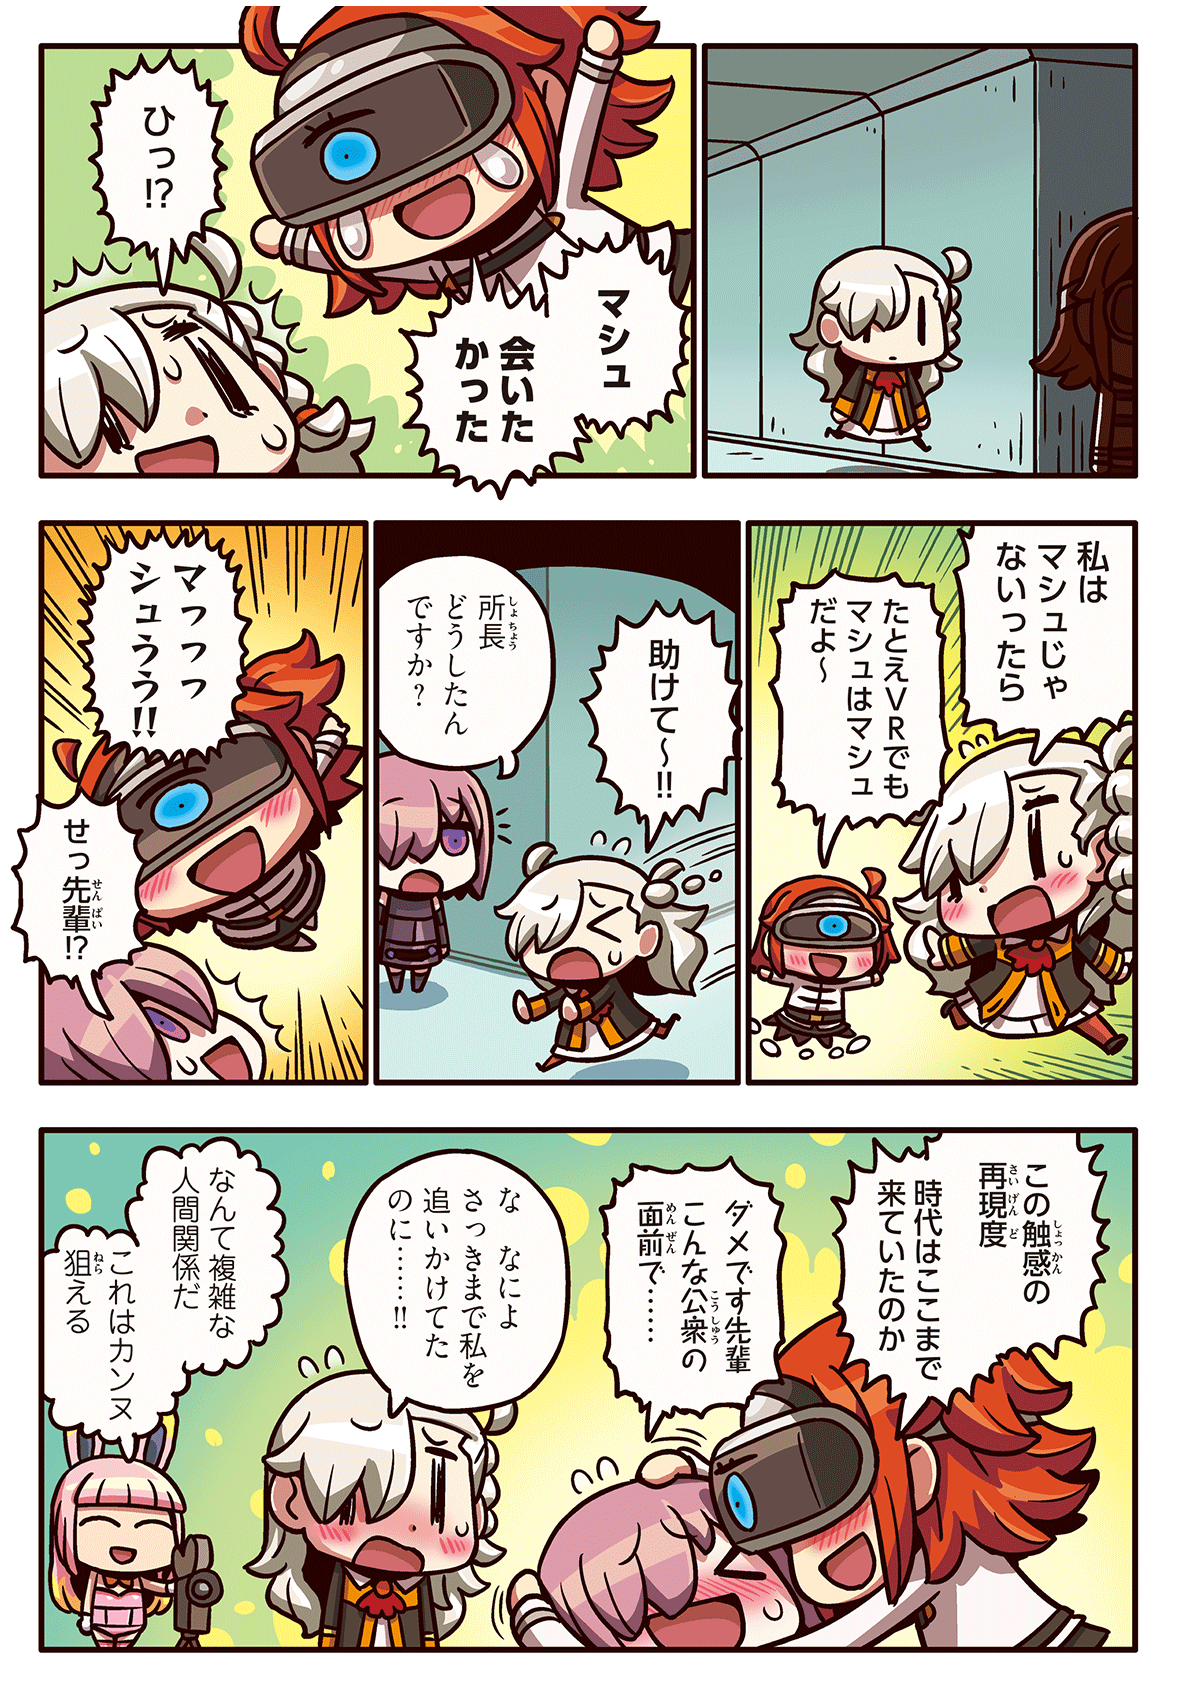 http://www.fate-go.jp/manga_fgo2/images/comic63/comic.png